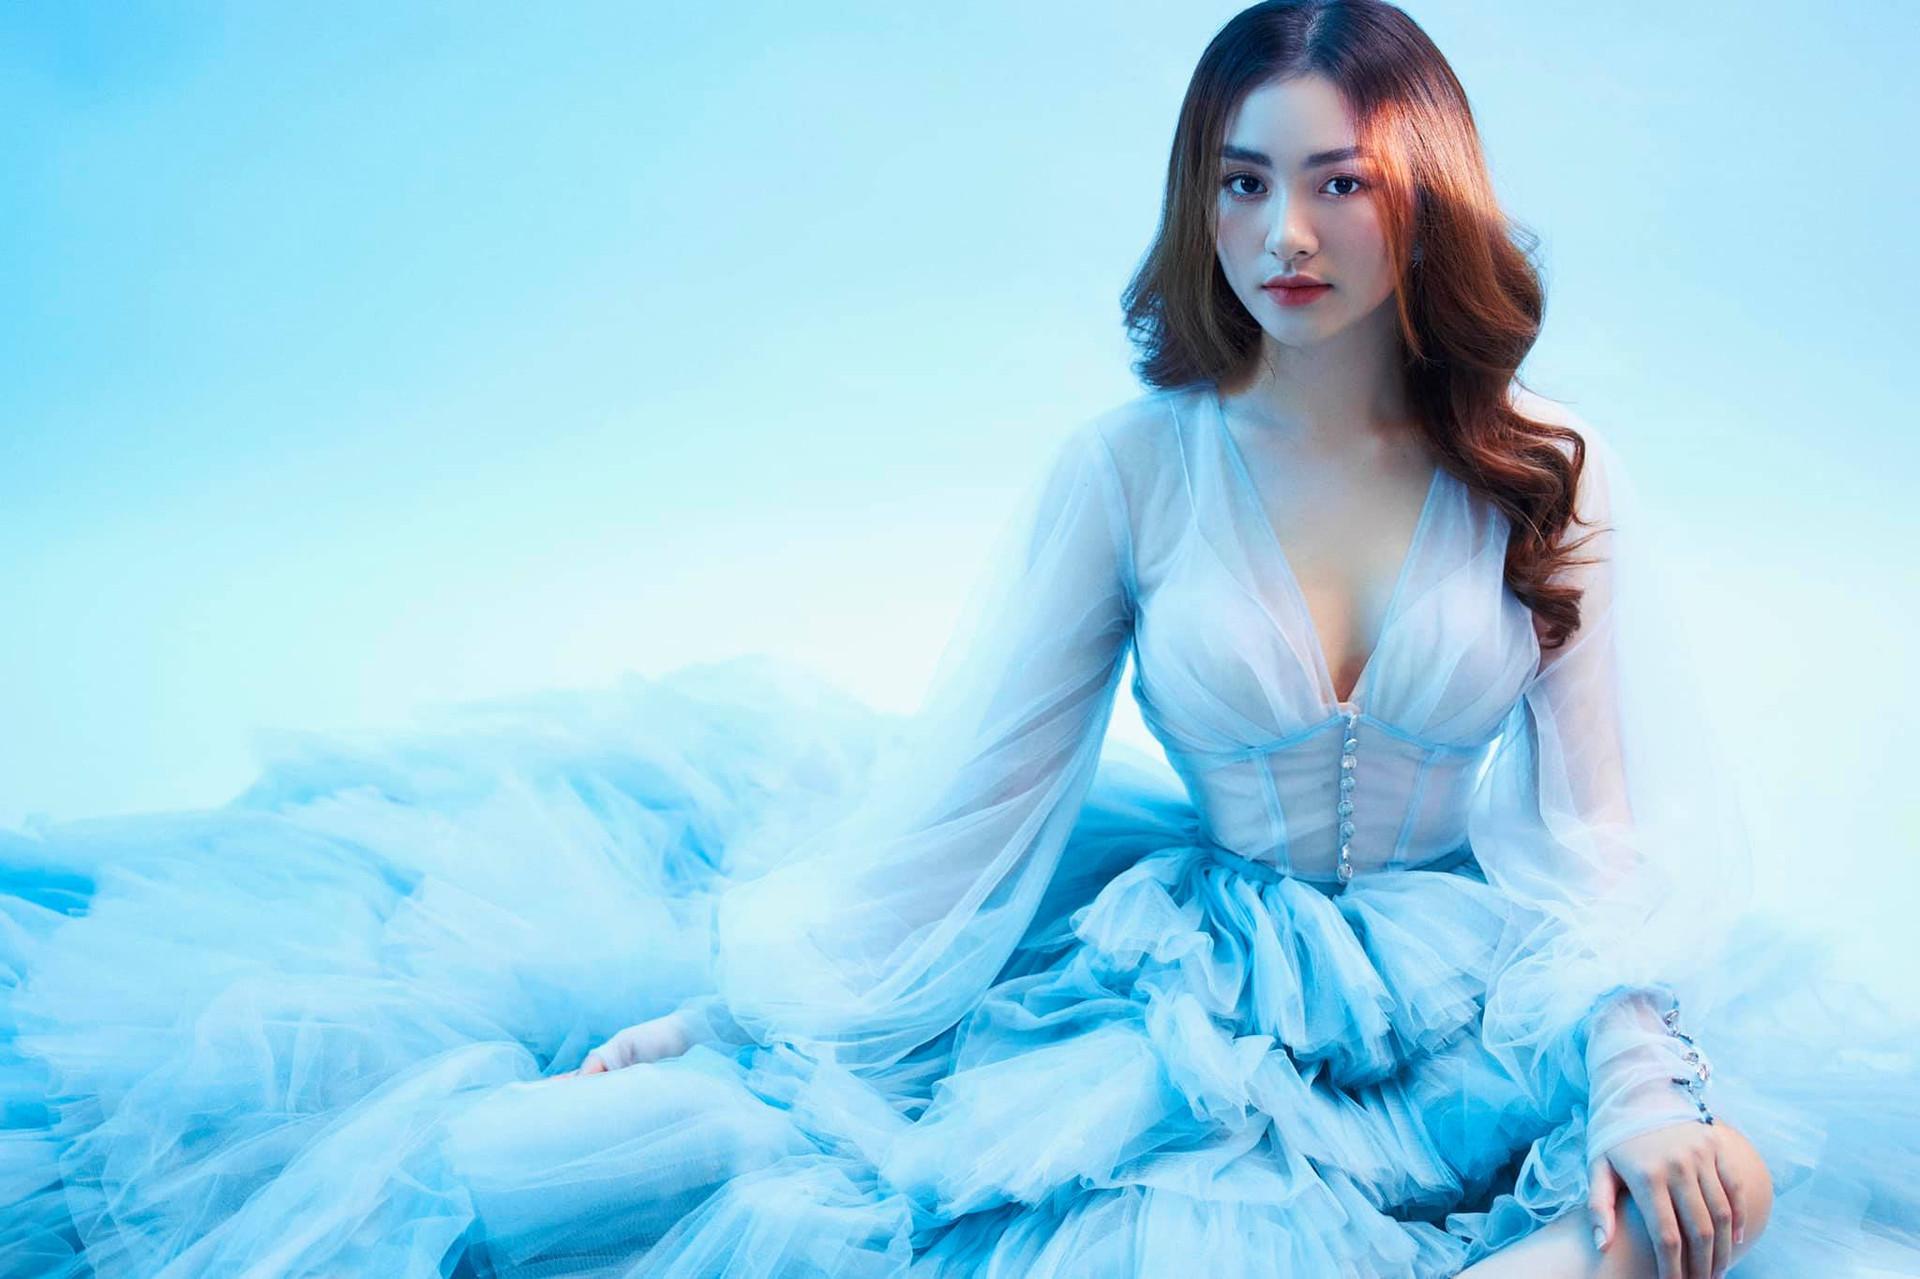 """Nữ sinh Tiền Giang """"gây bão tranh cãi"""" vì quá xinh đẹp, được dự đoán làm hoa hậu - 8"""